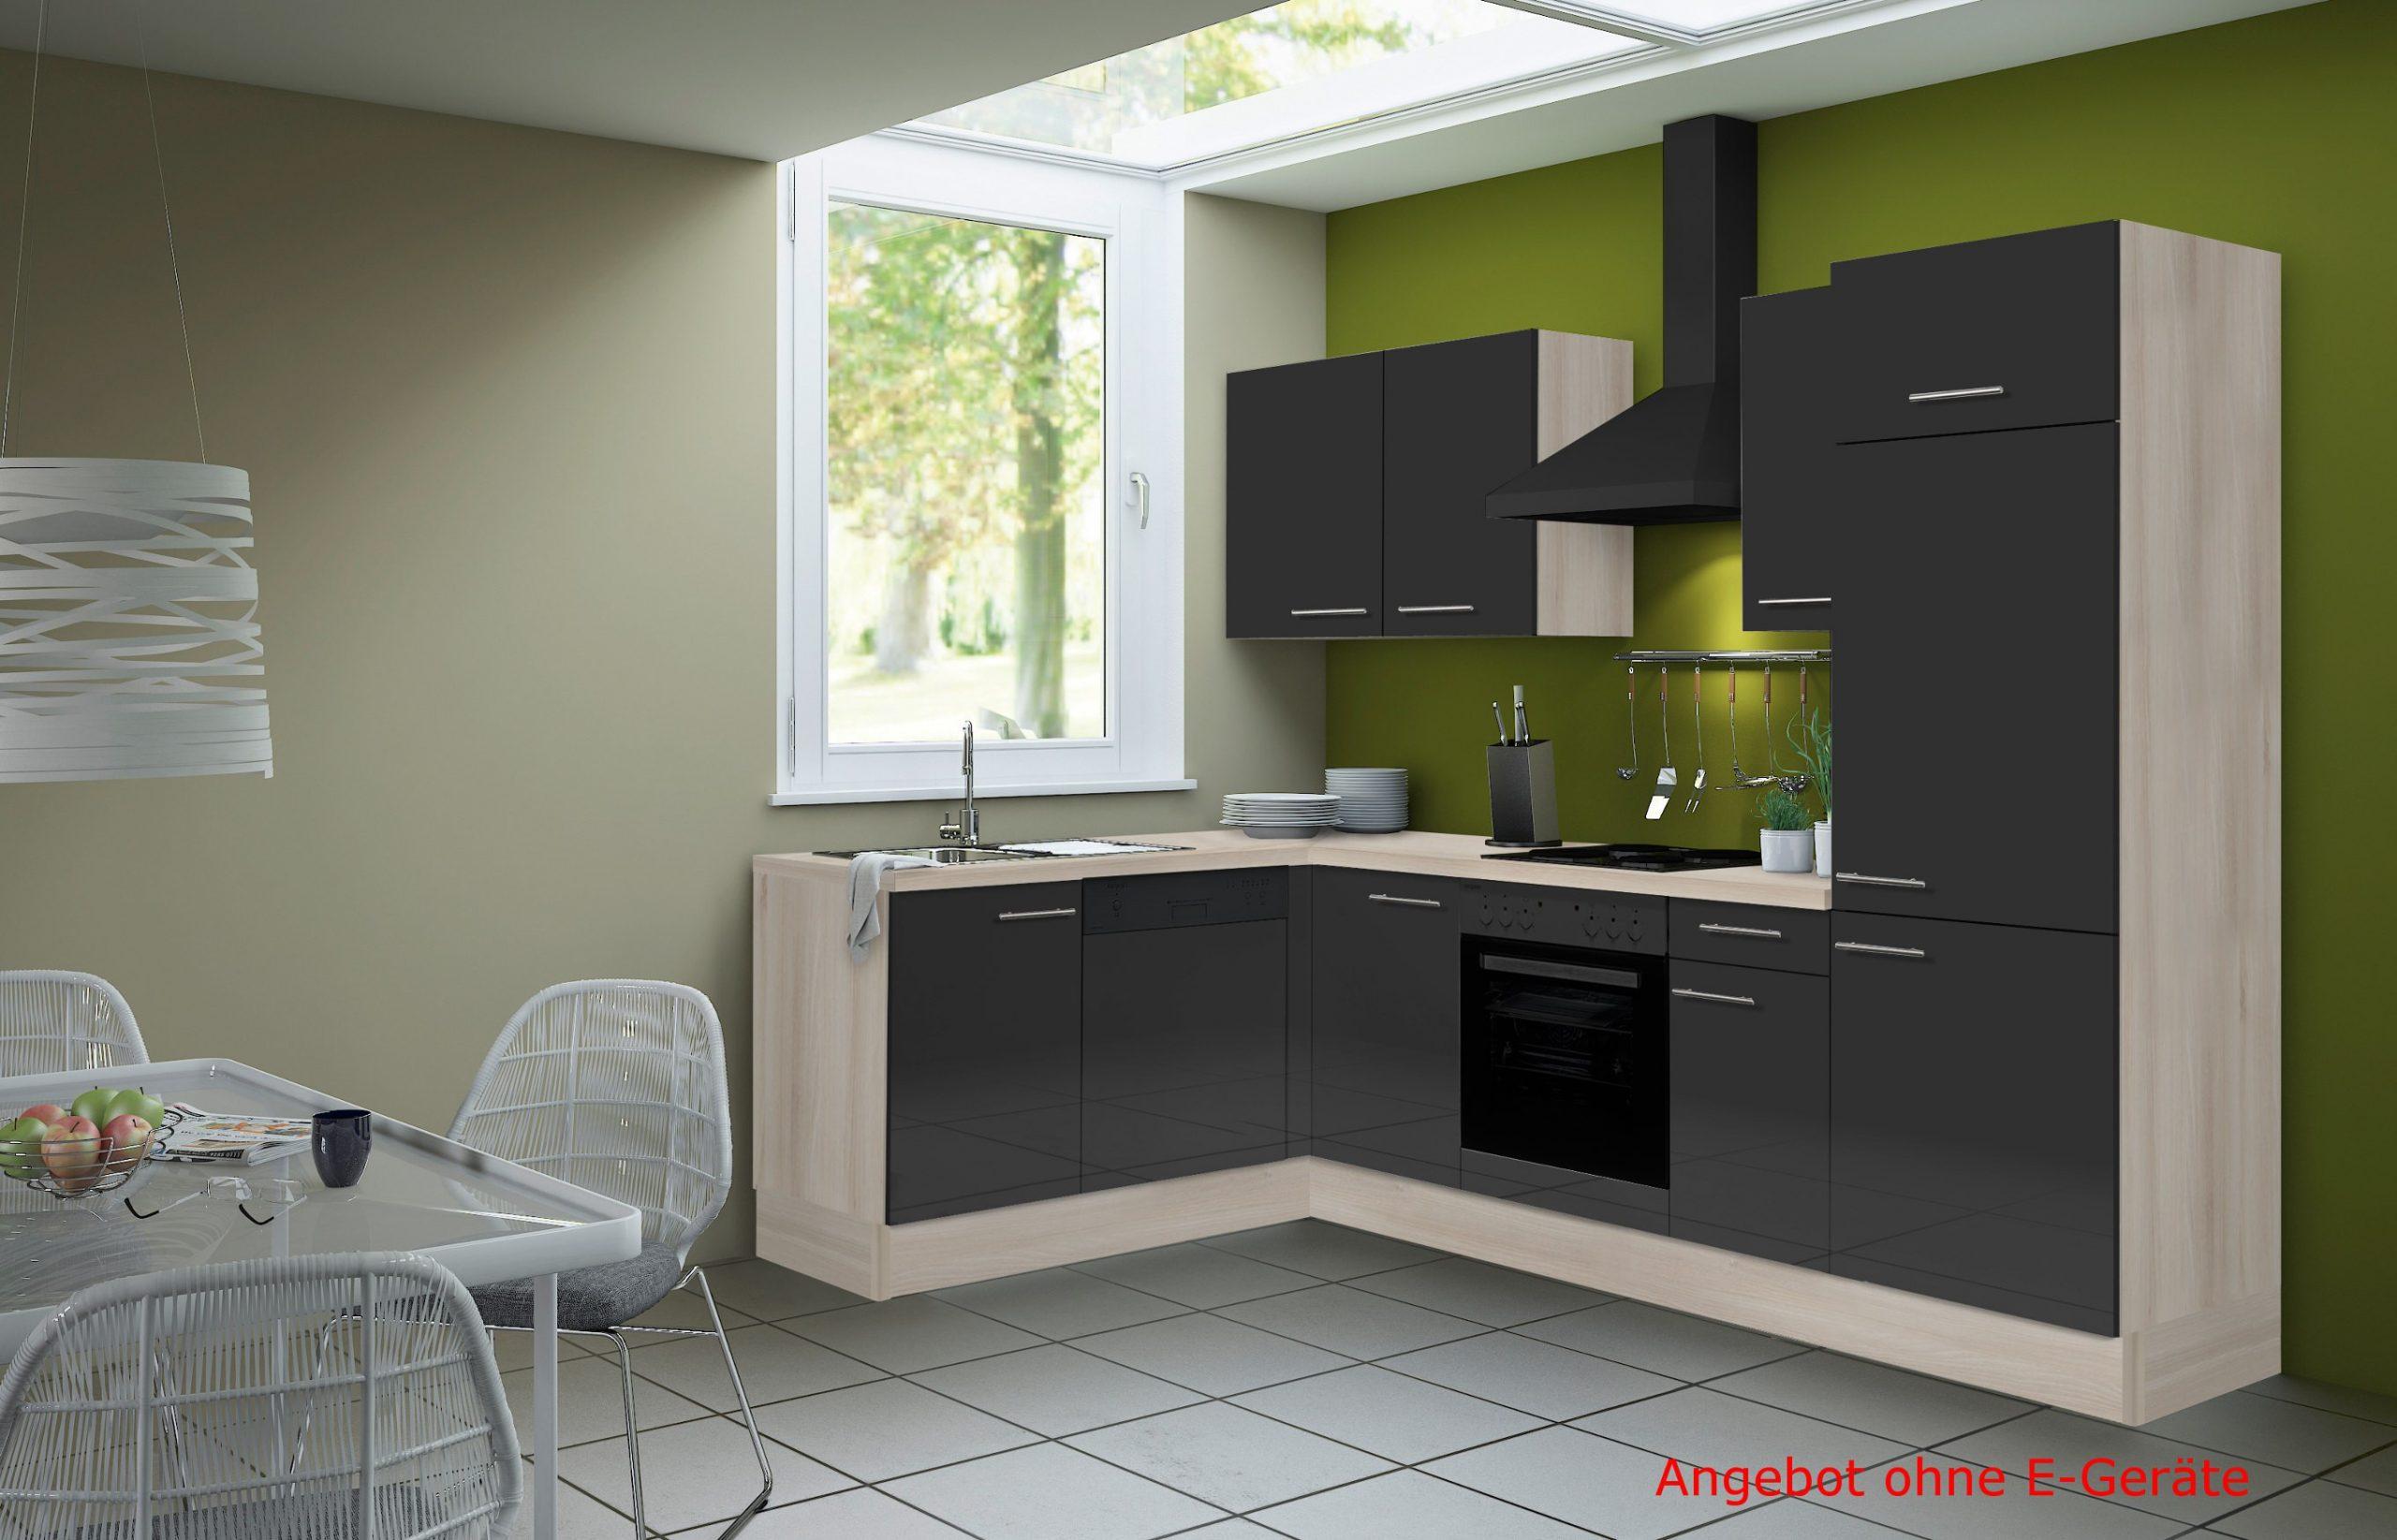 Roller Küchen Aufbauservice - 18 Monate Alte Küche Roller Ratingen